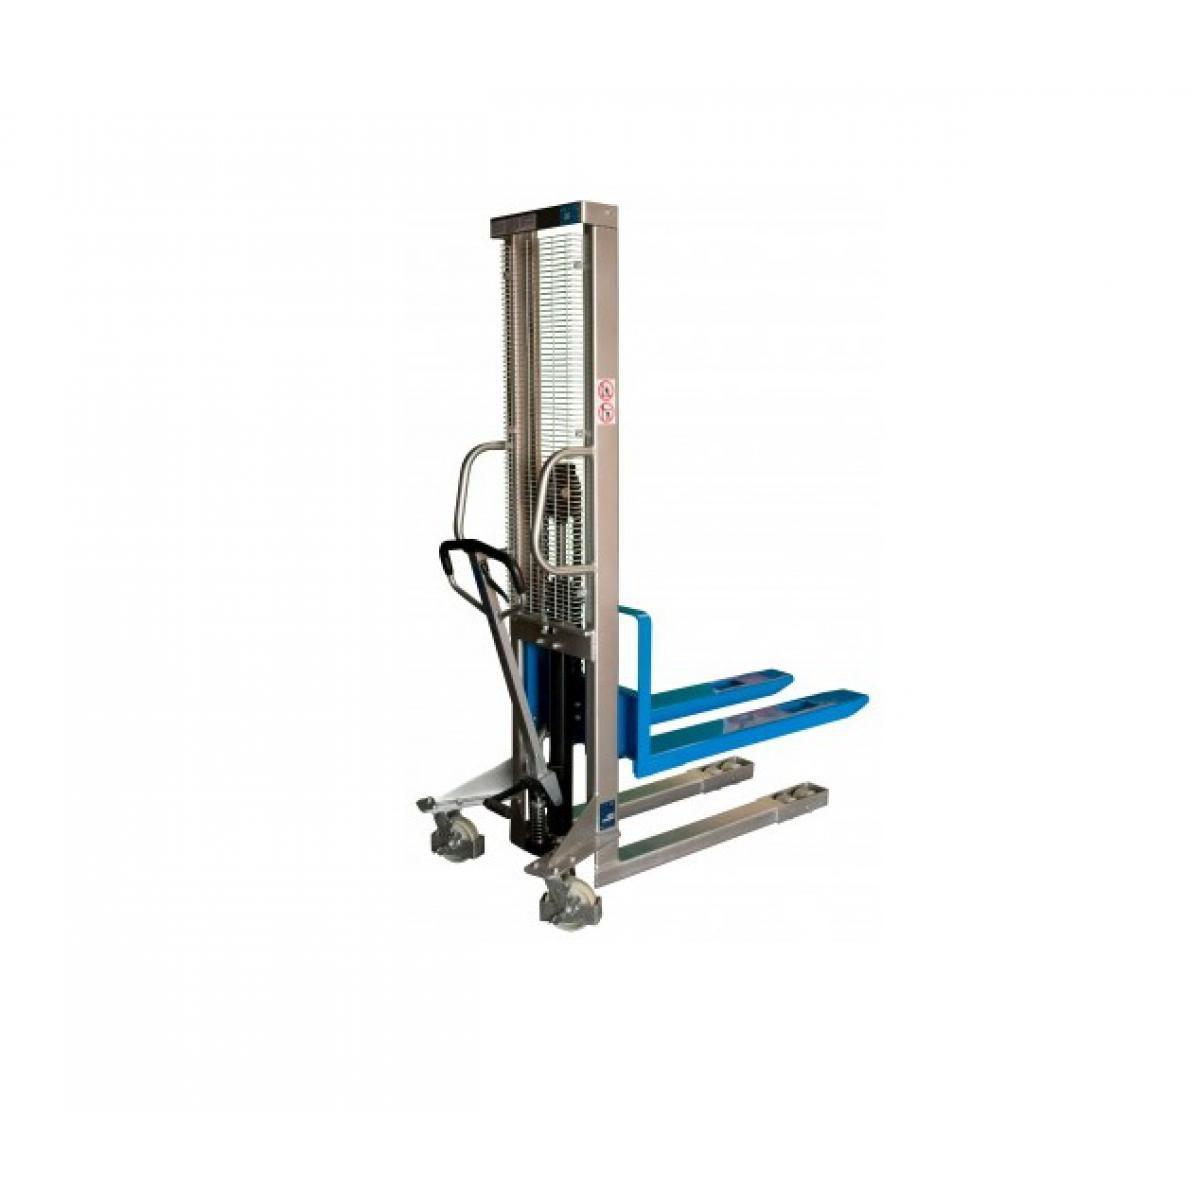 Fimm Fimm - Gerbeur manuel 1000 kg levée 1600 mm